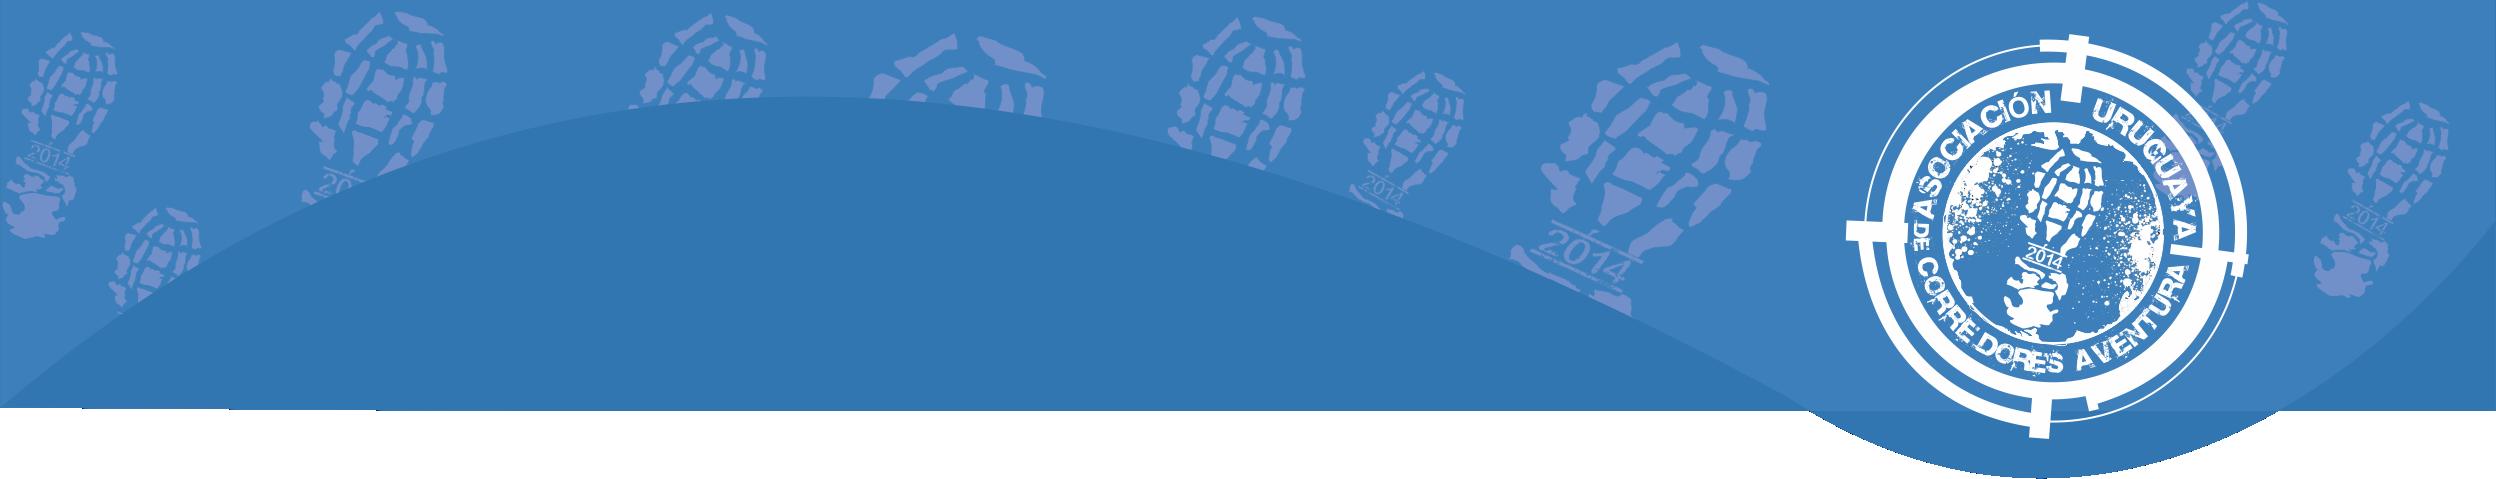 Cabezal Asociación Uruguaya de Corredores de Aventura AUCA